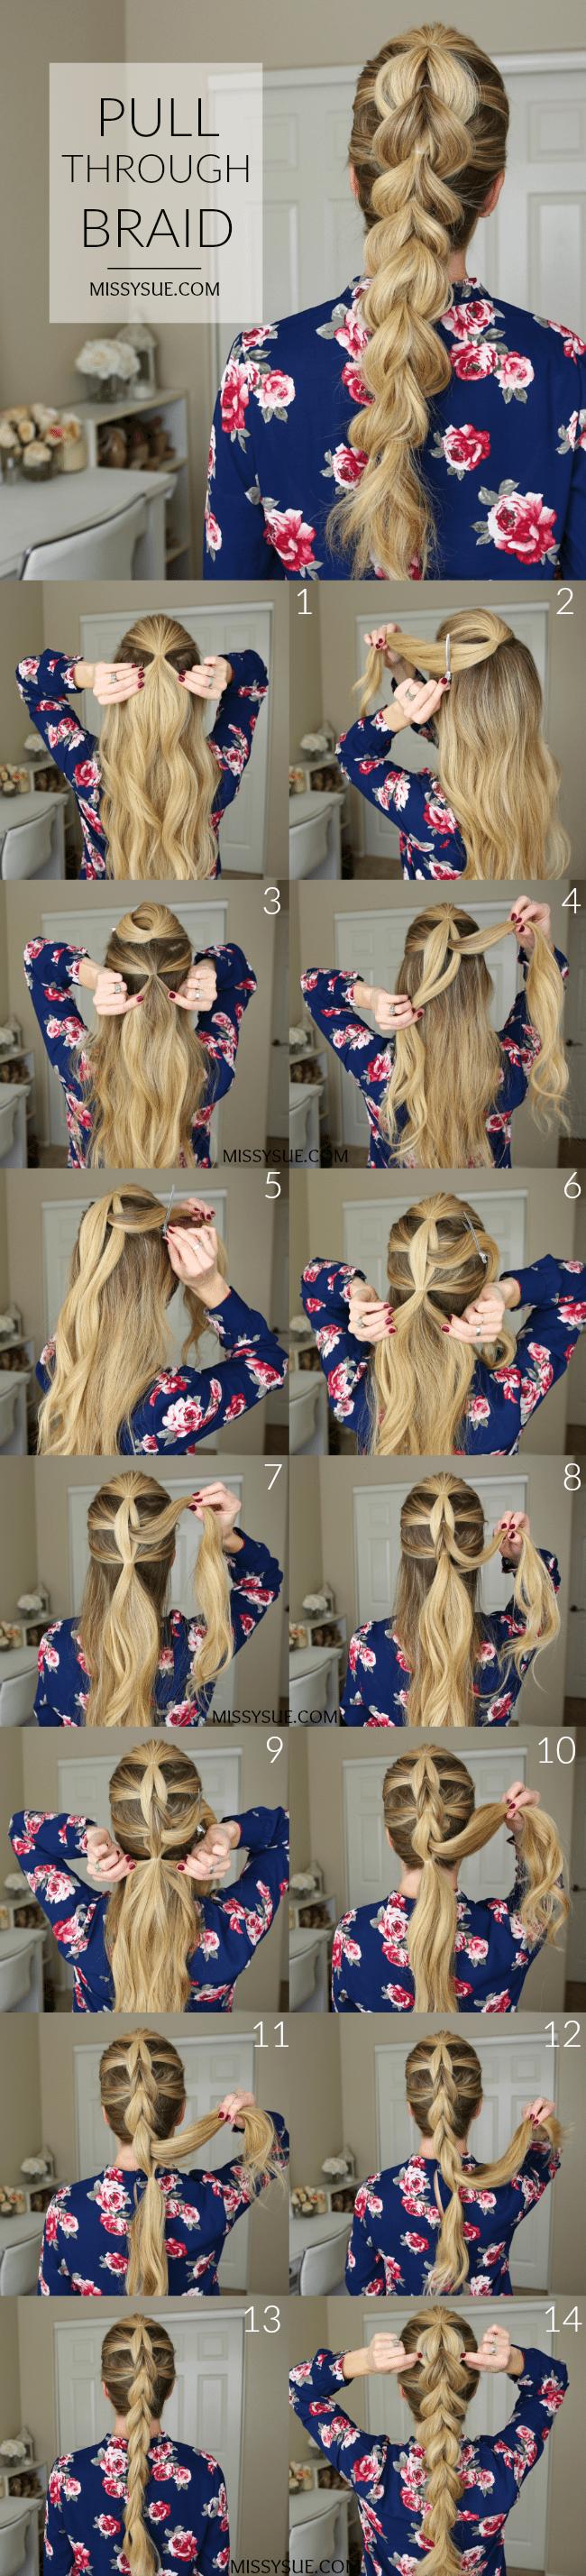 pull-through-braid-hair-tutorial